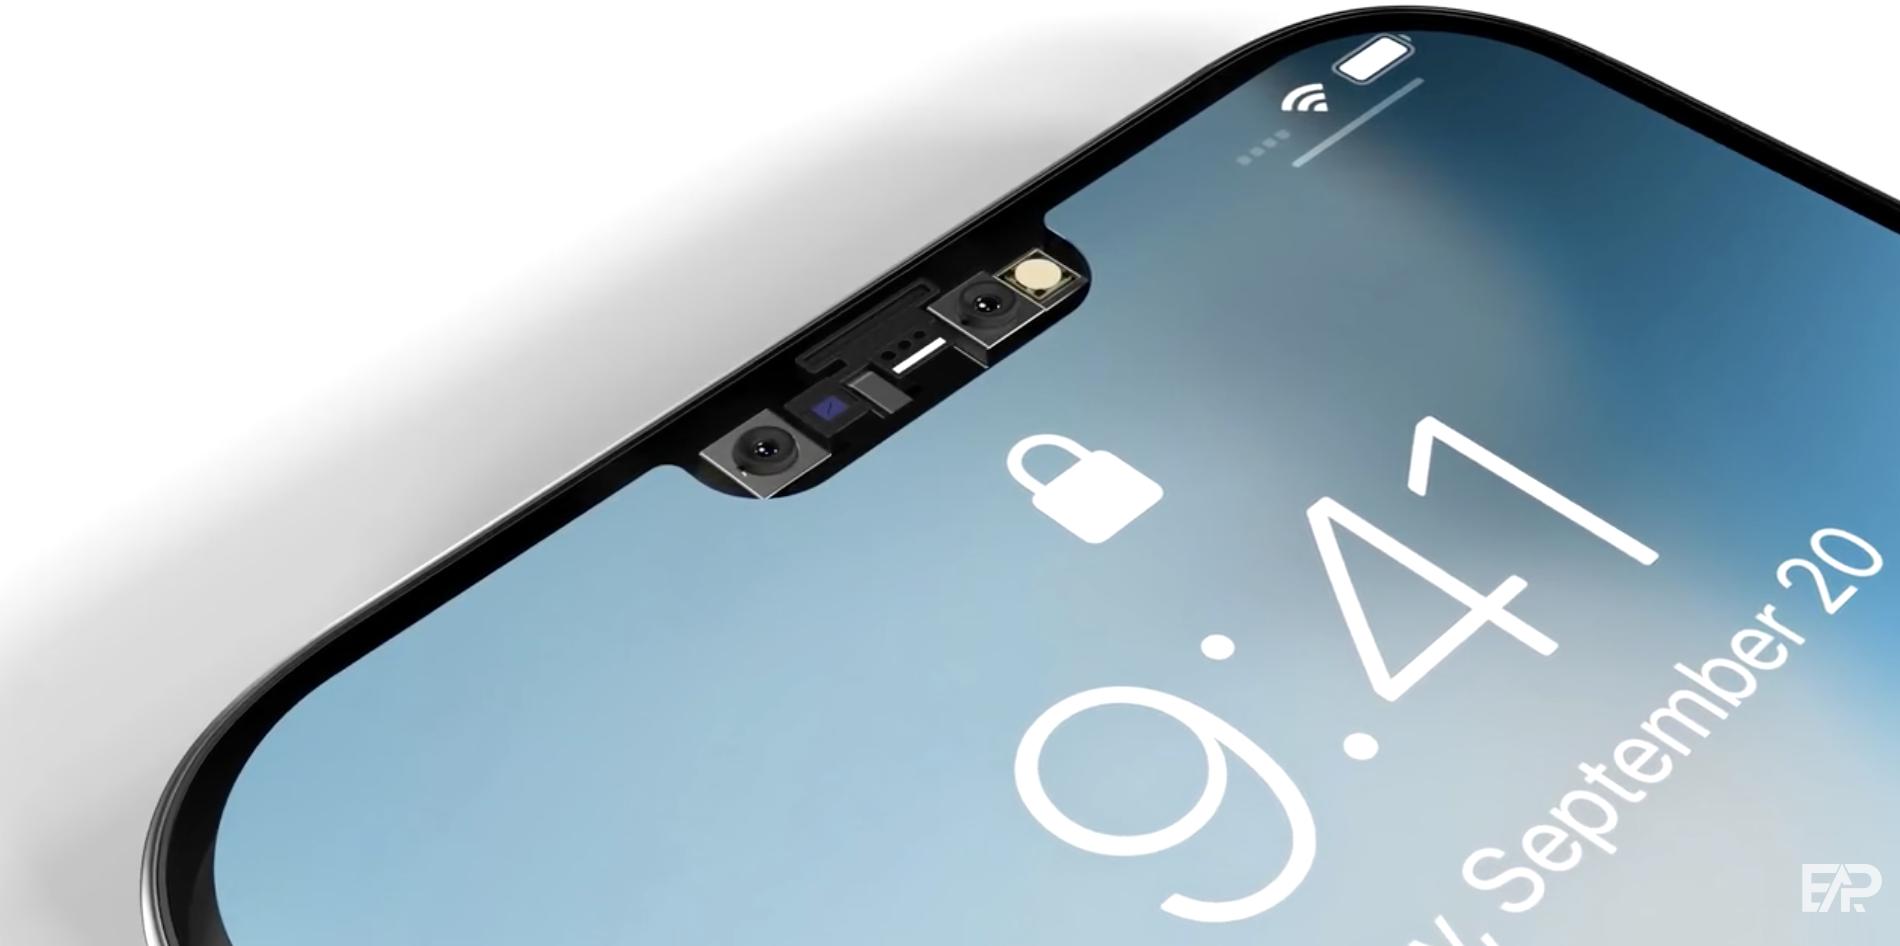 iPhone'y 12 Pro z ekranami 120 Hz. Poznaliśmy prawdopodobne ceny